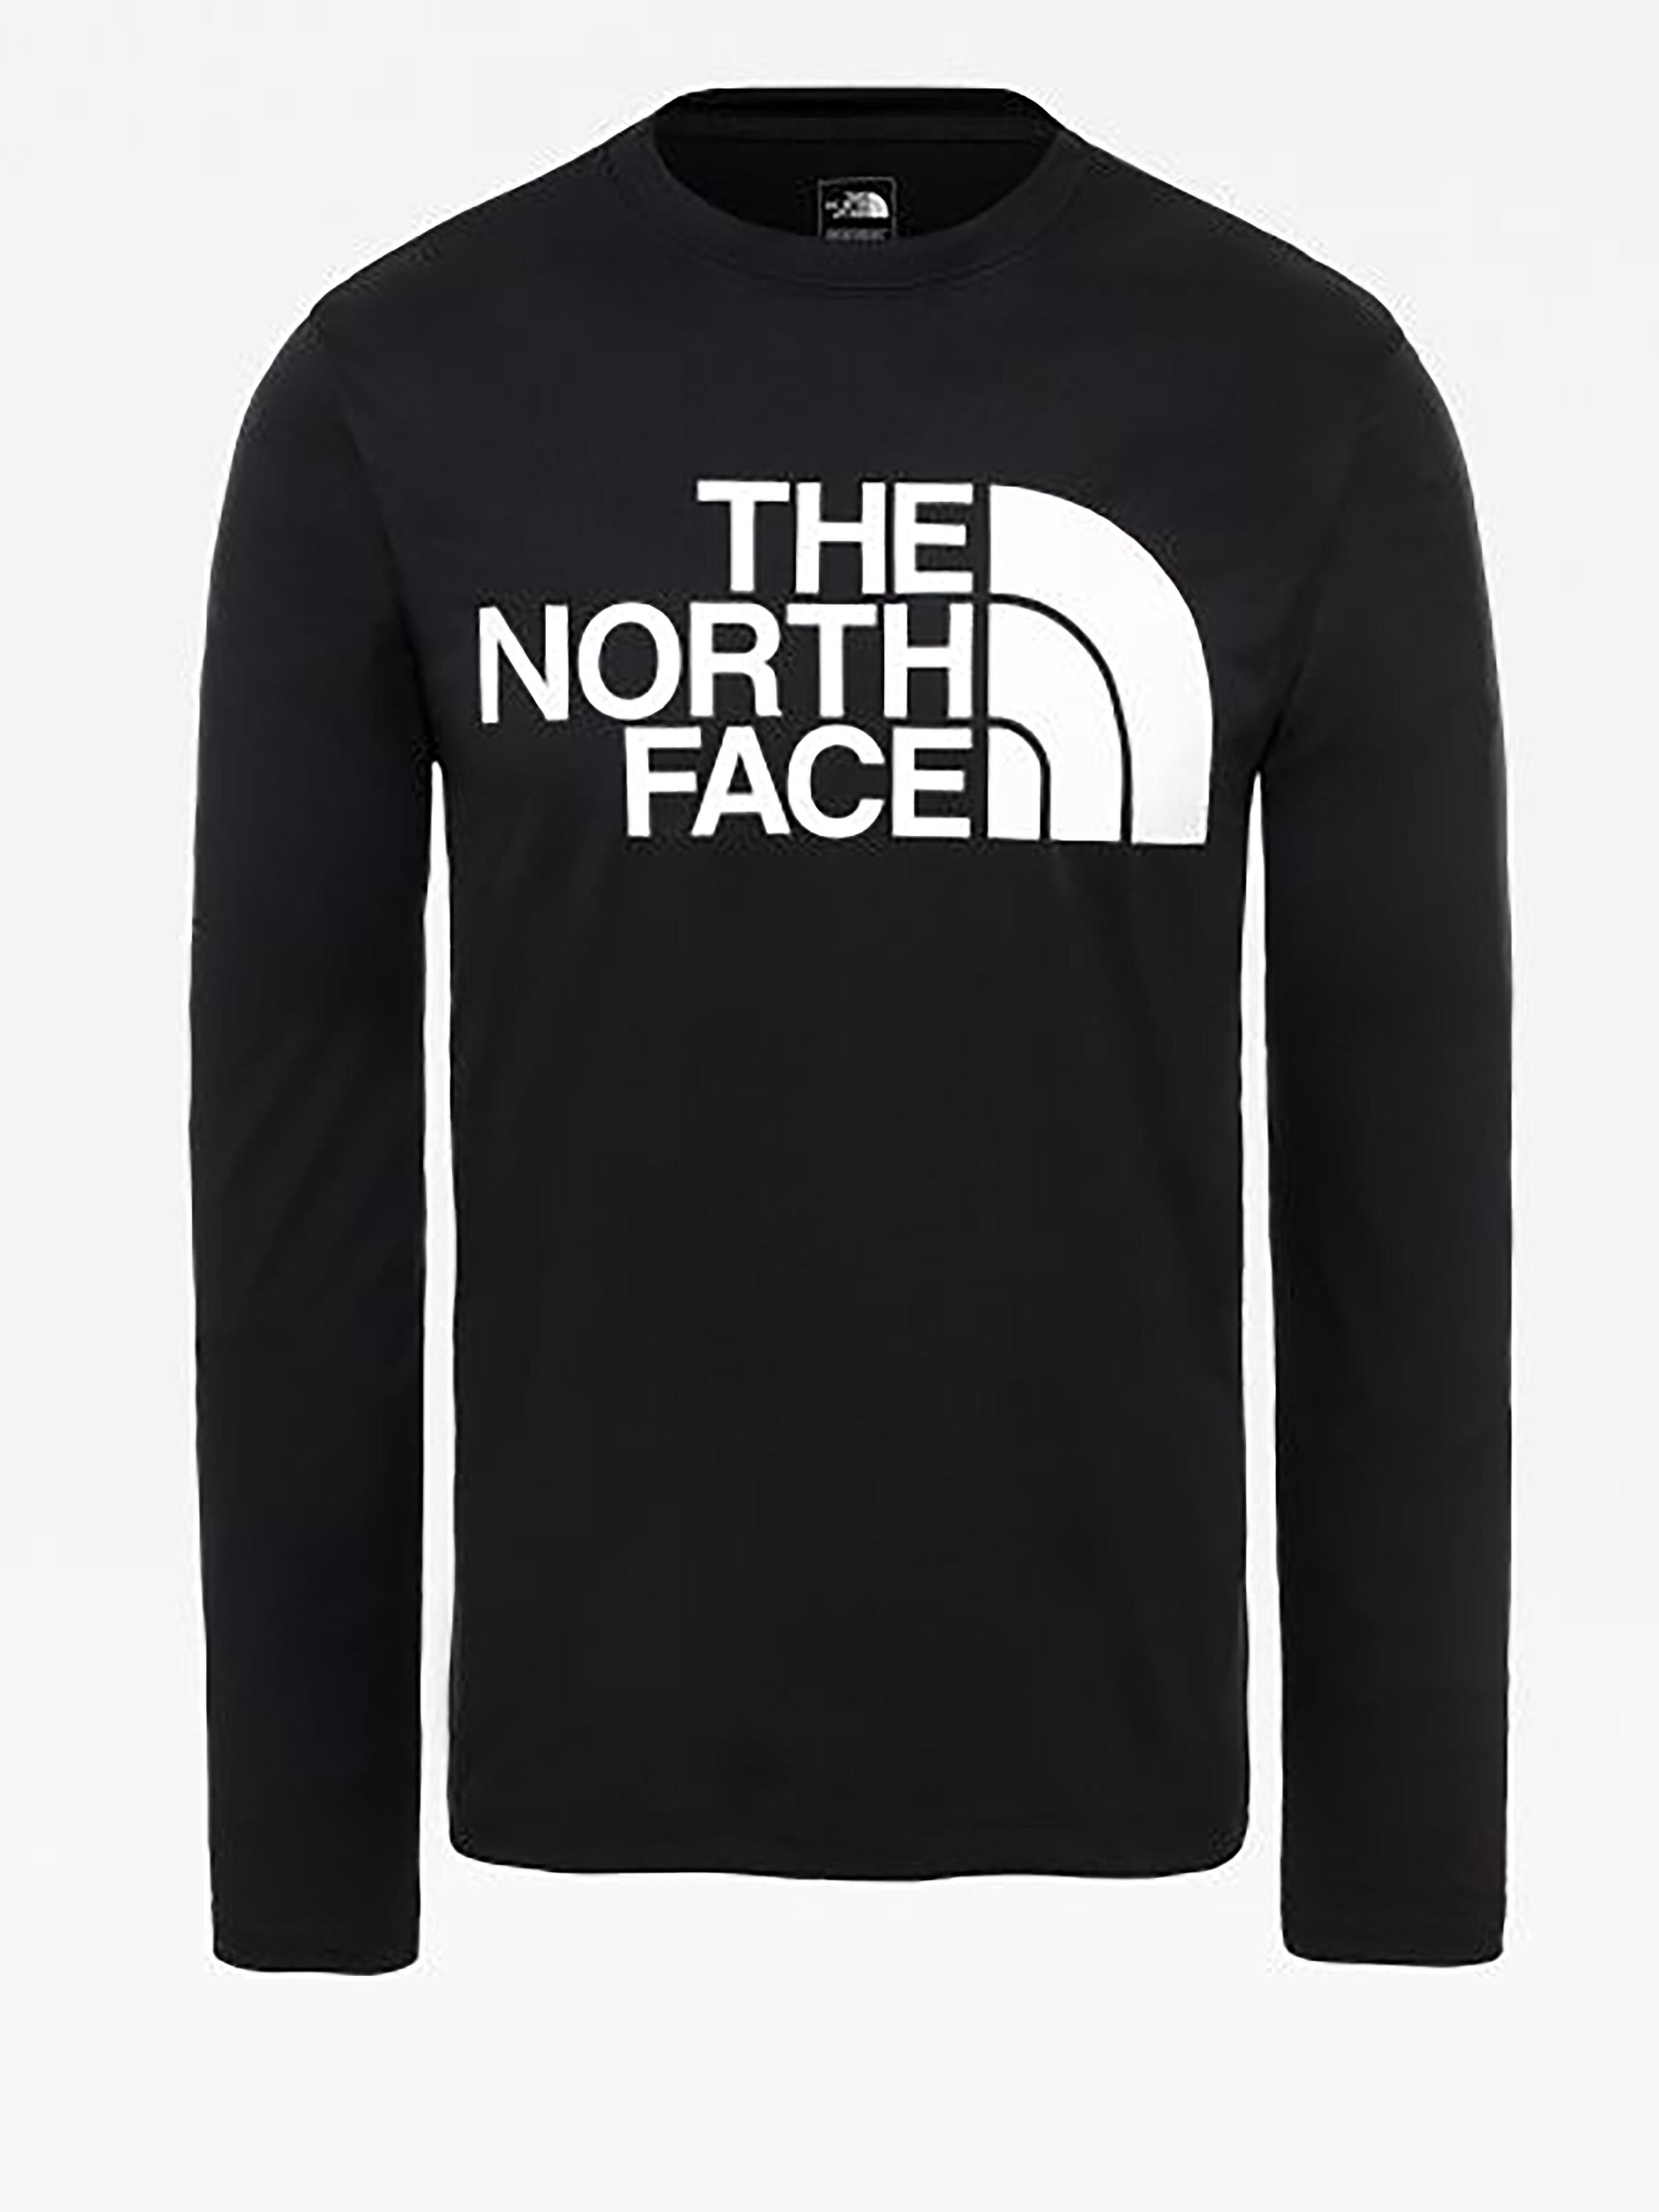 Кофты и свитера мужские The North Face модель N2668 качество, 2017